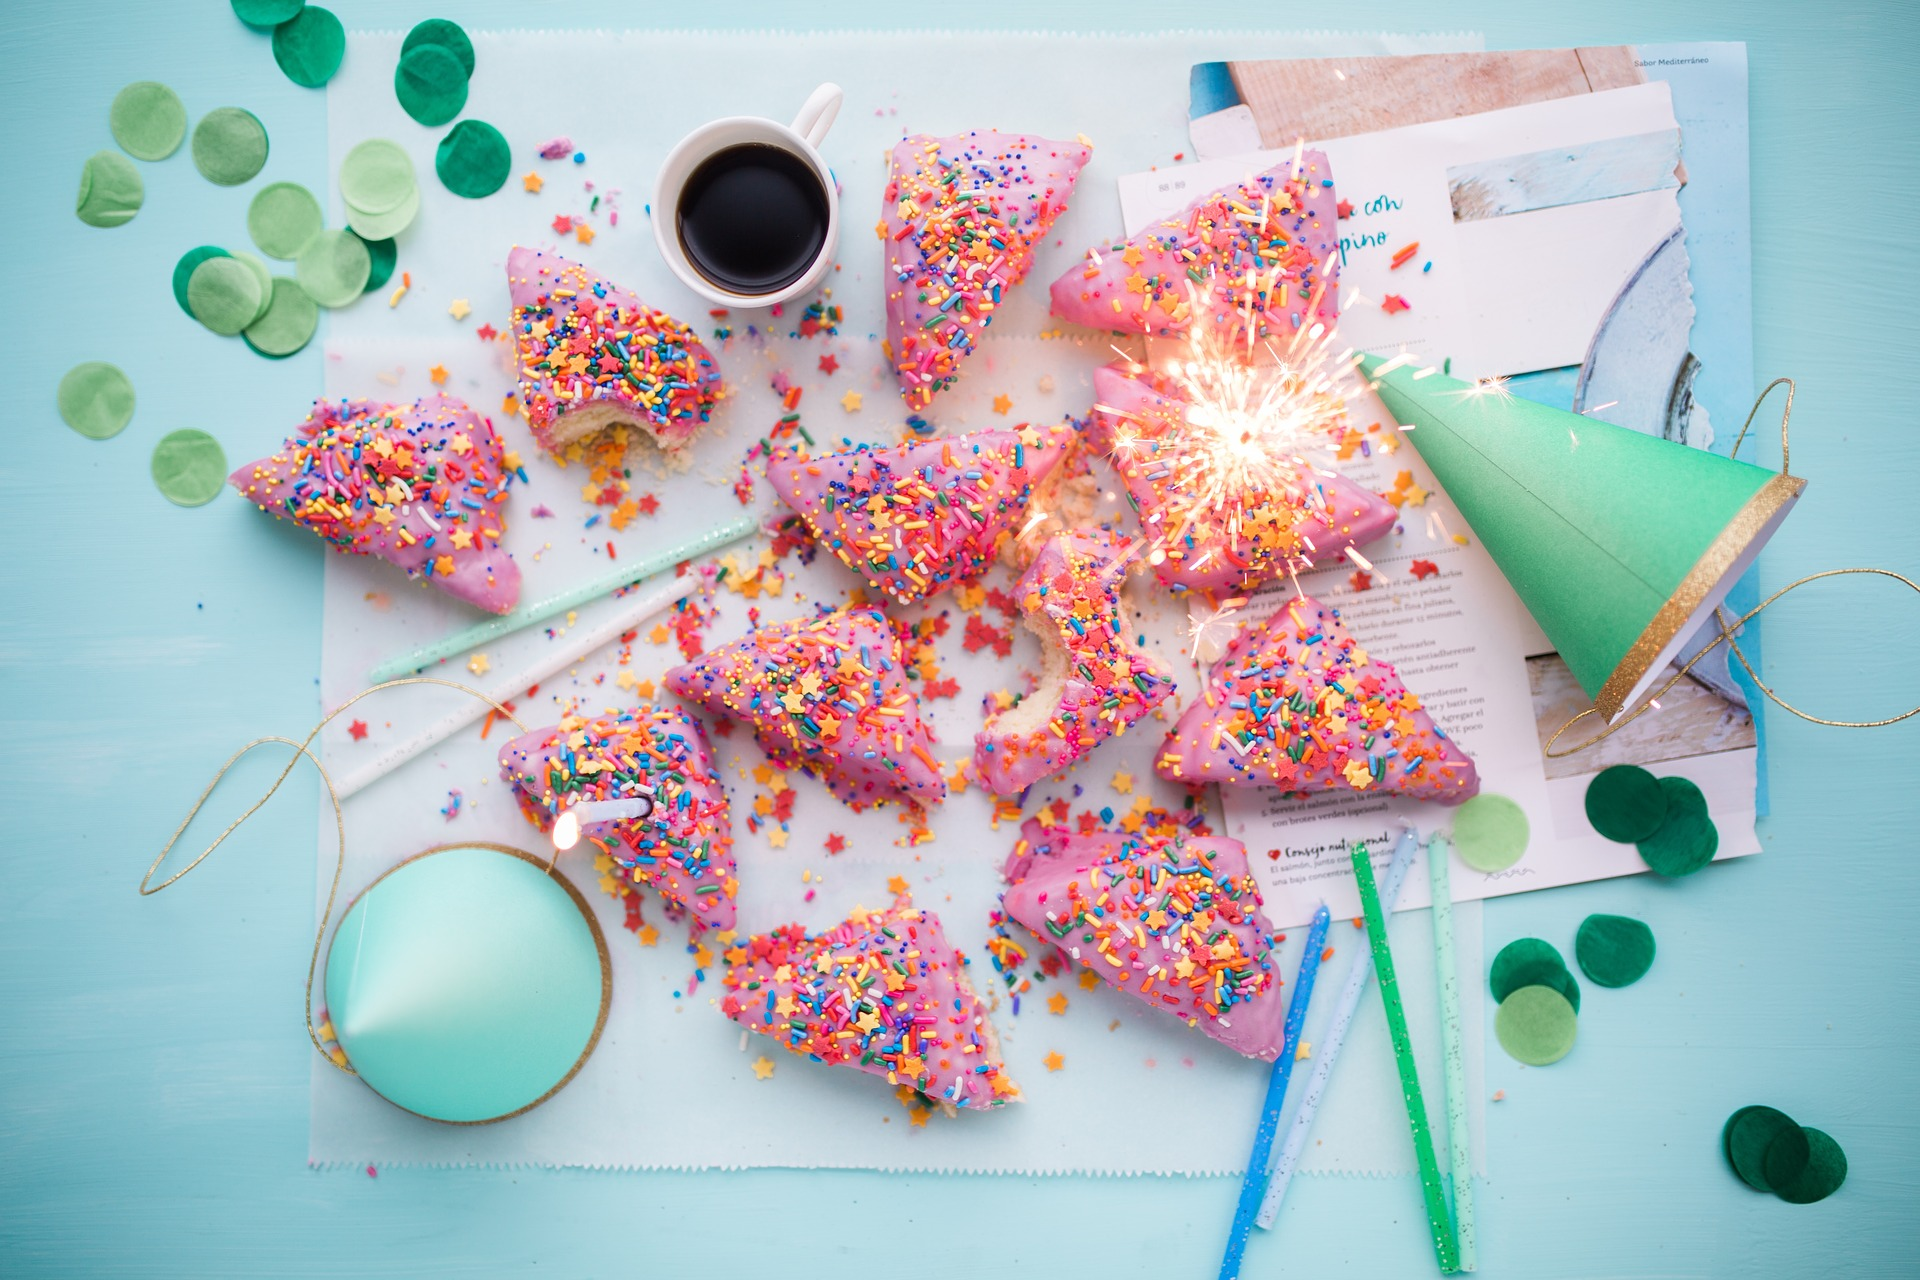 children's birthday party planning